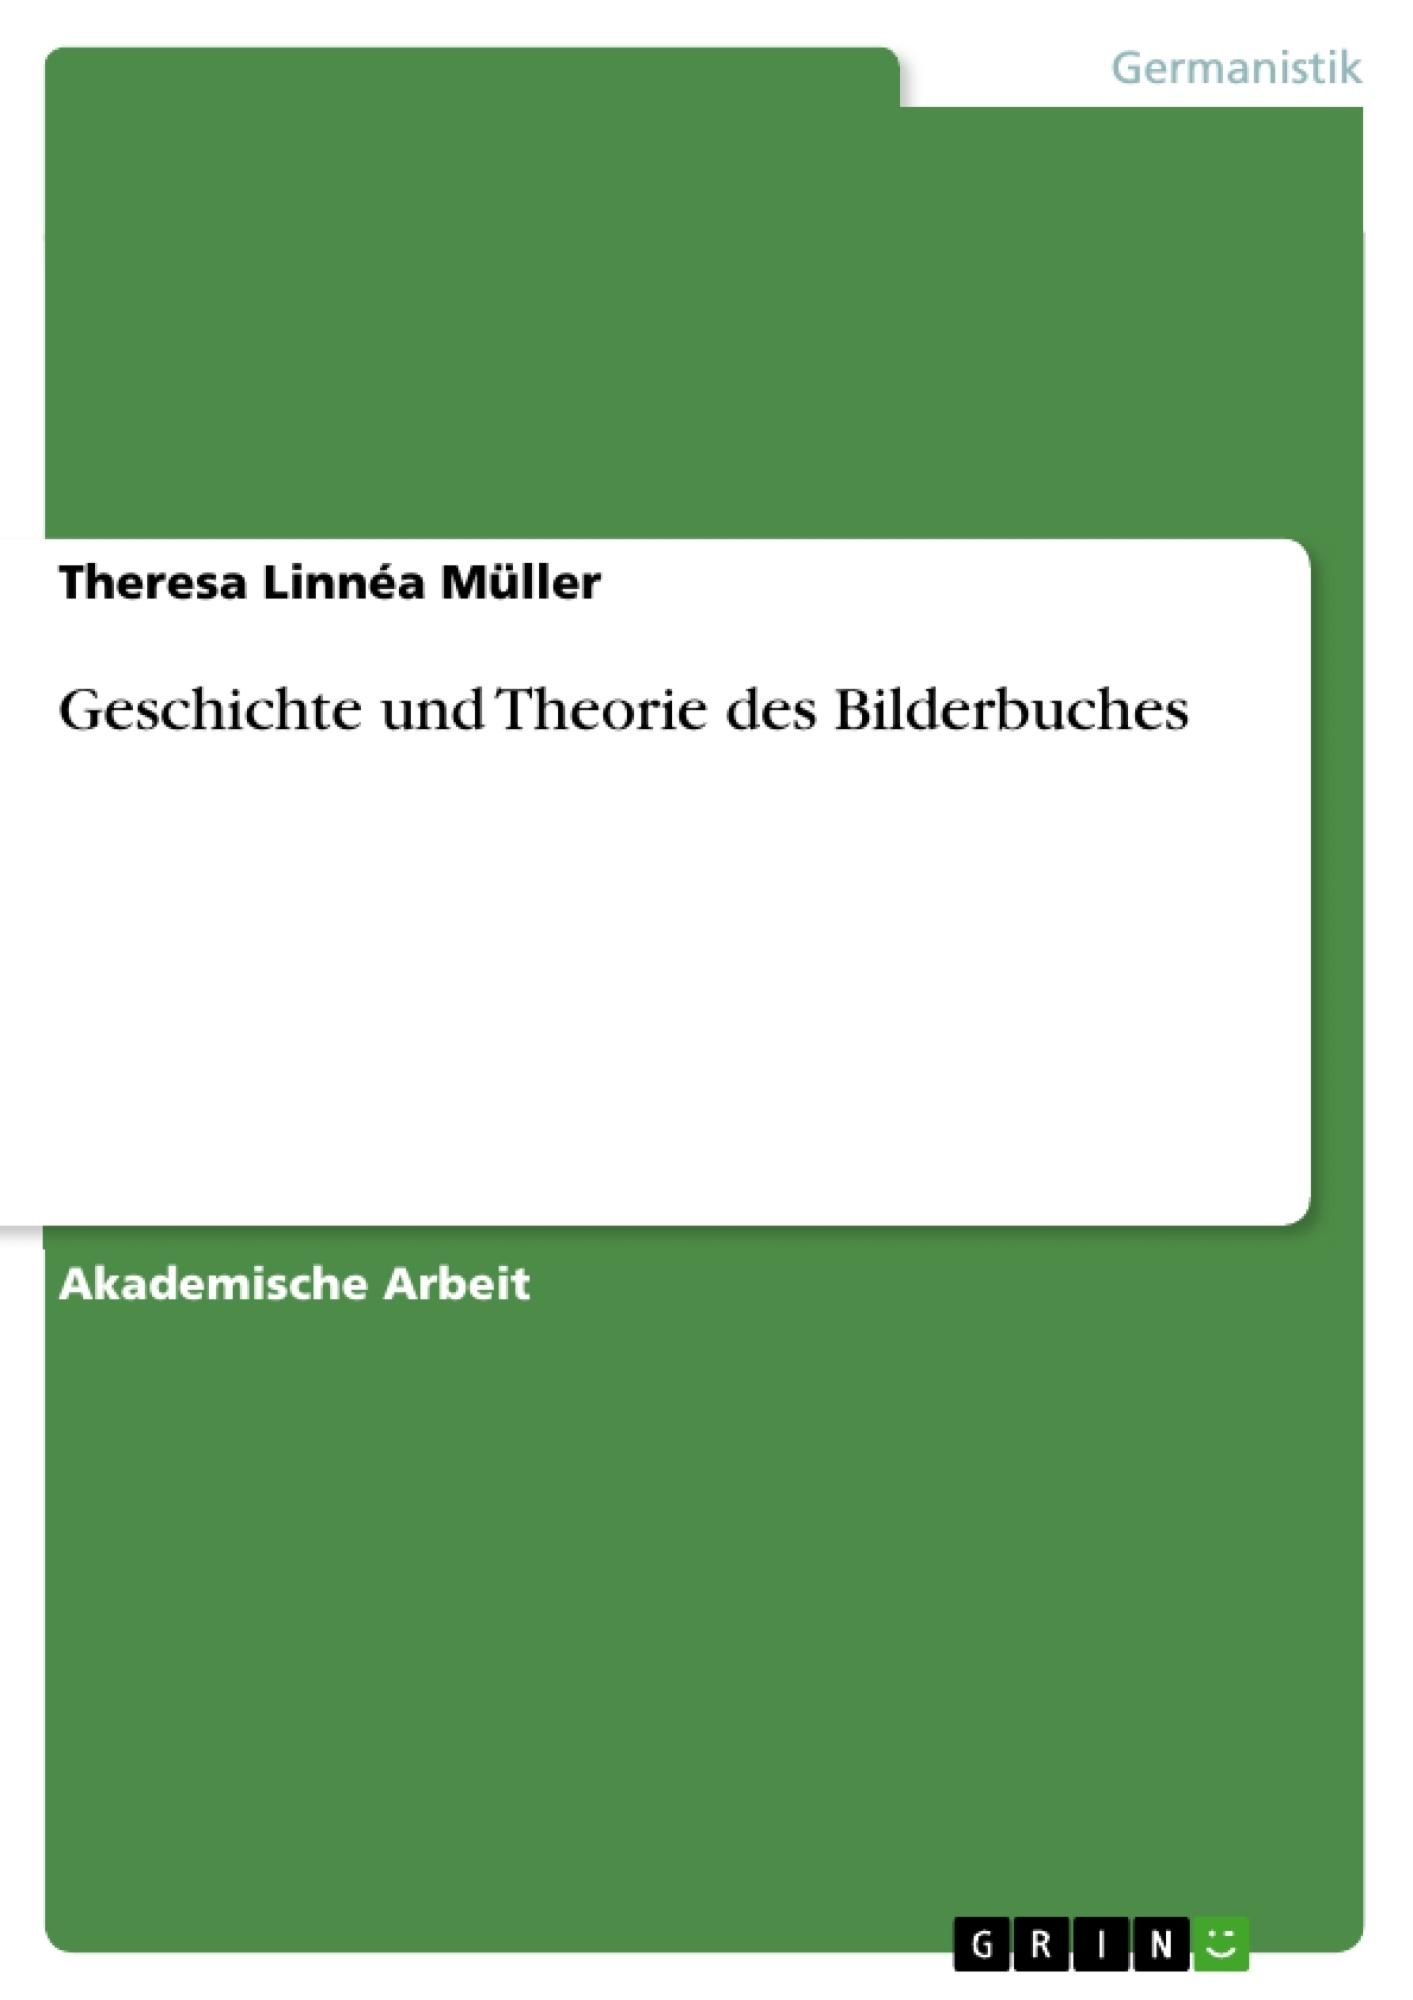 Titel: Geschichte und Theorie des Bilderbuches